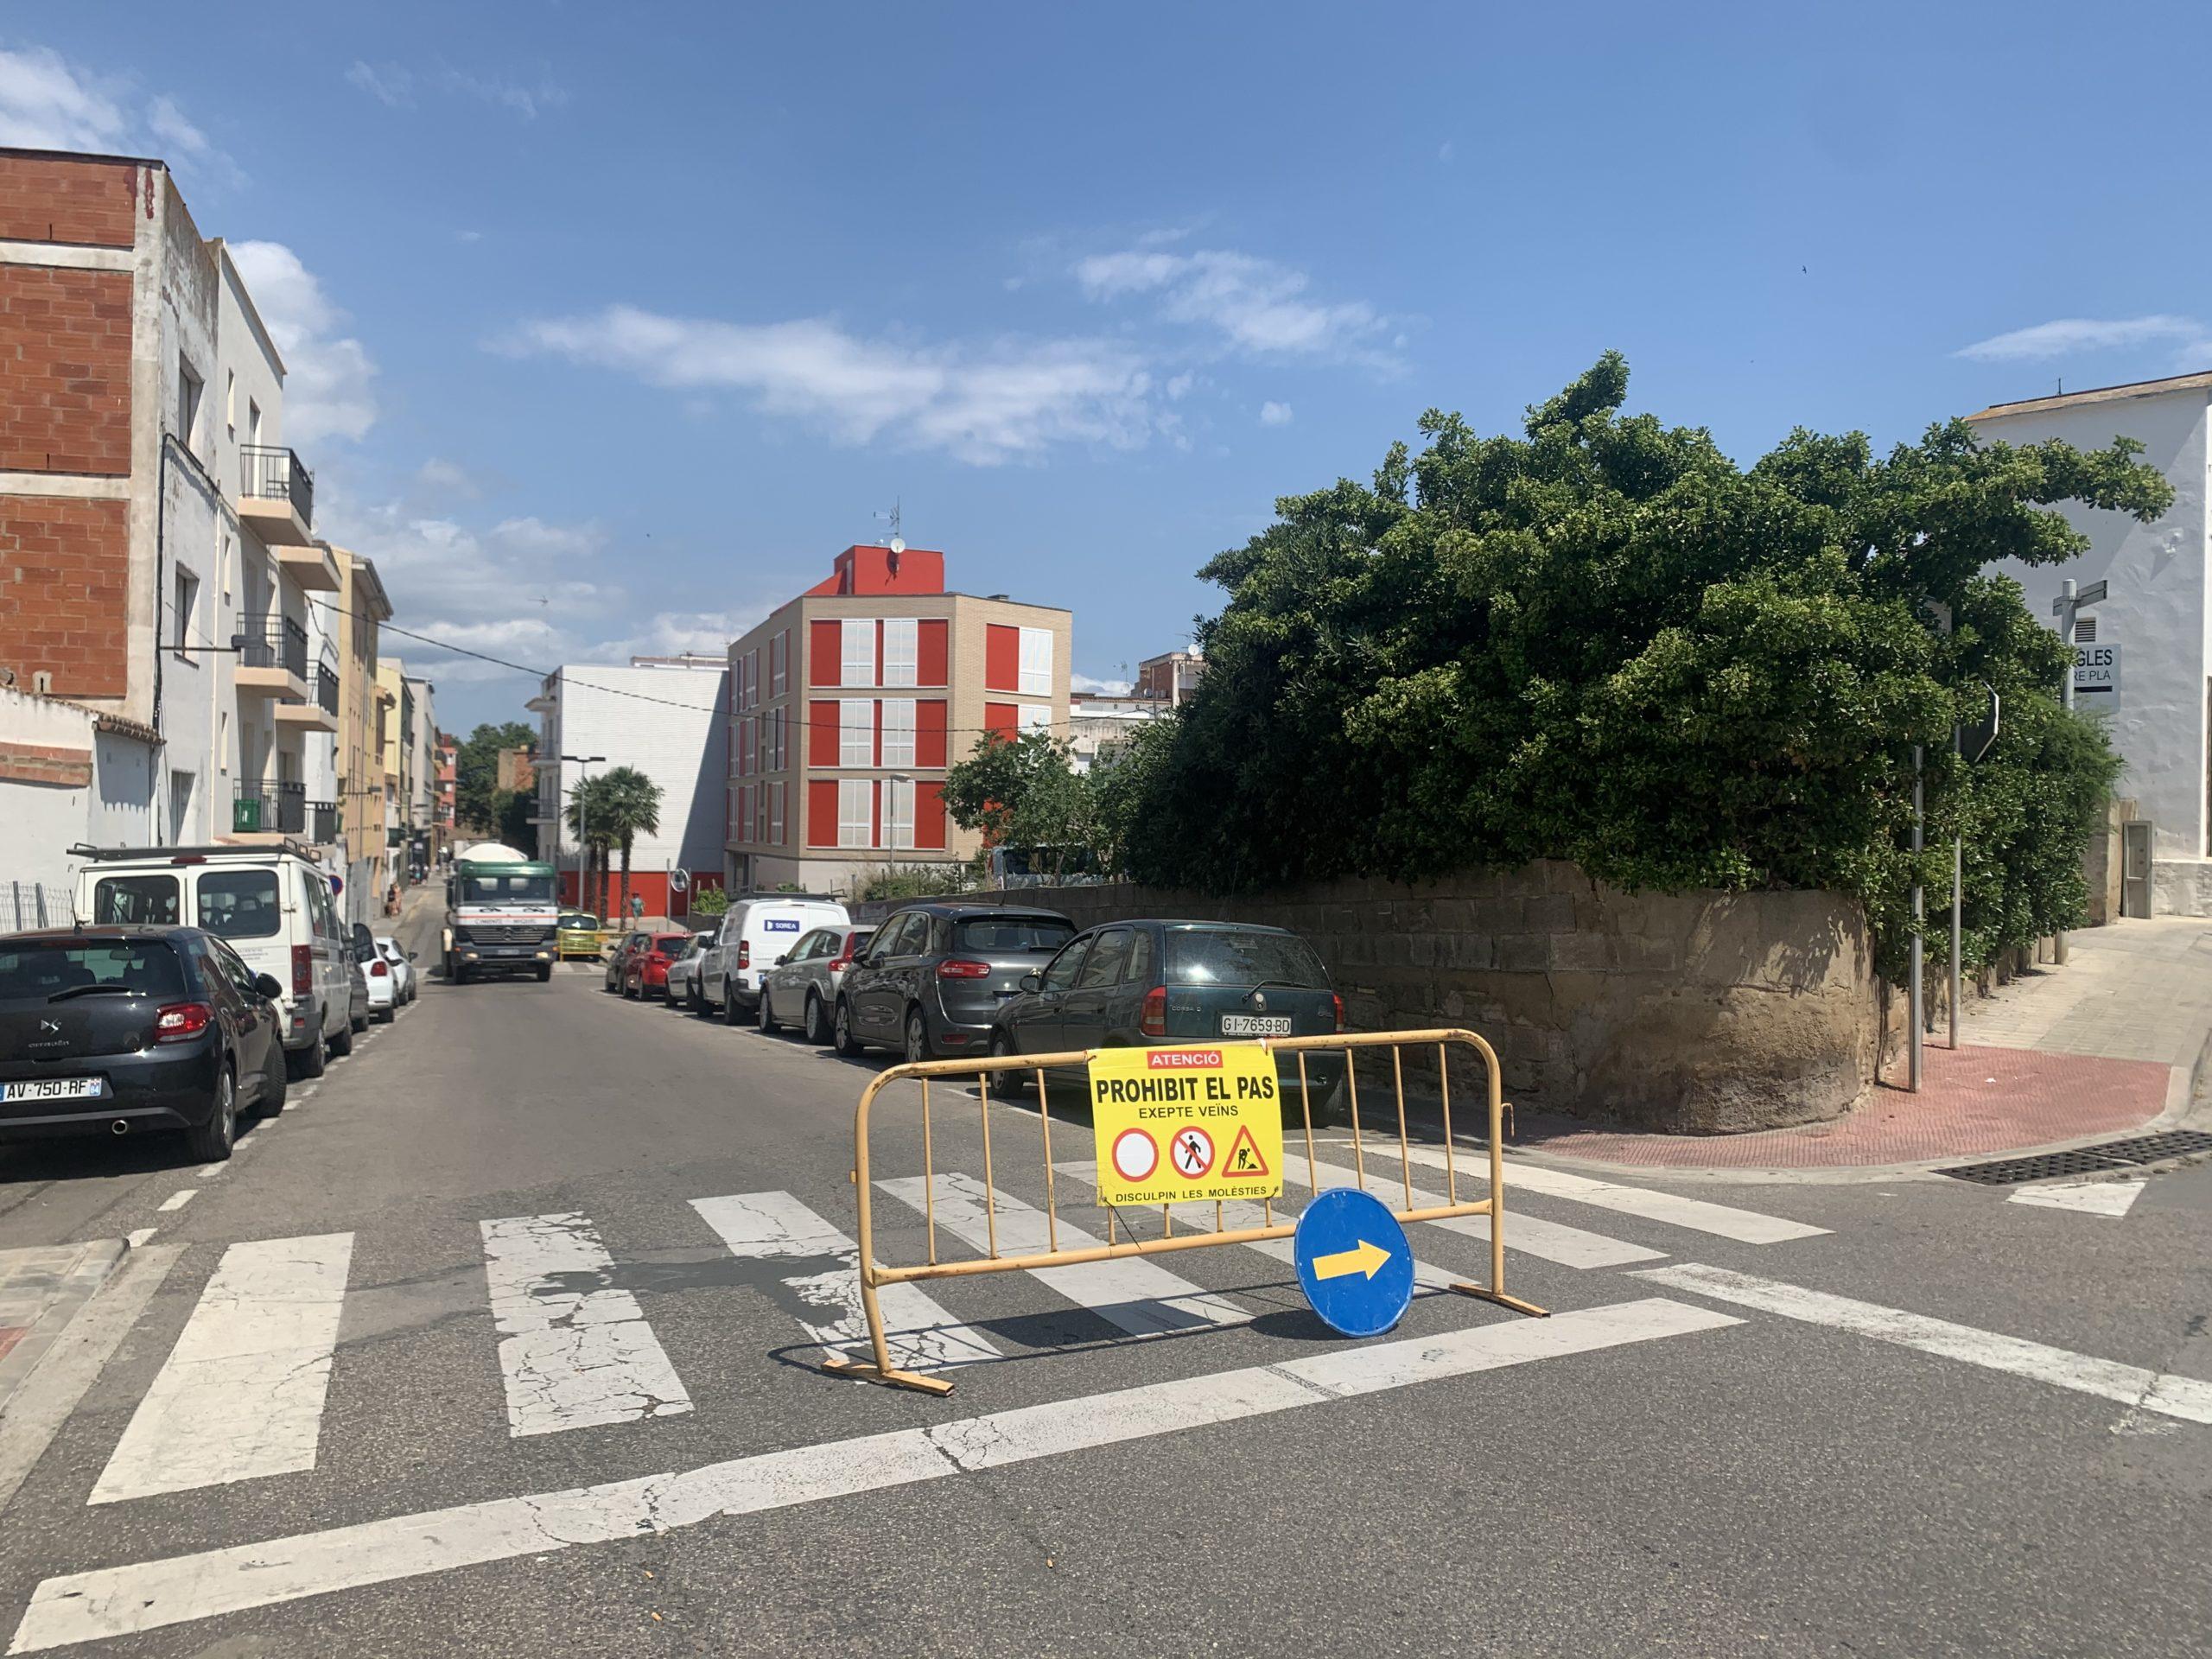 S'inicien les obres d'ampliació de voreres d'un tram del carrer Tarragona